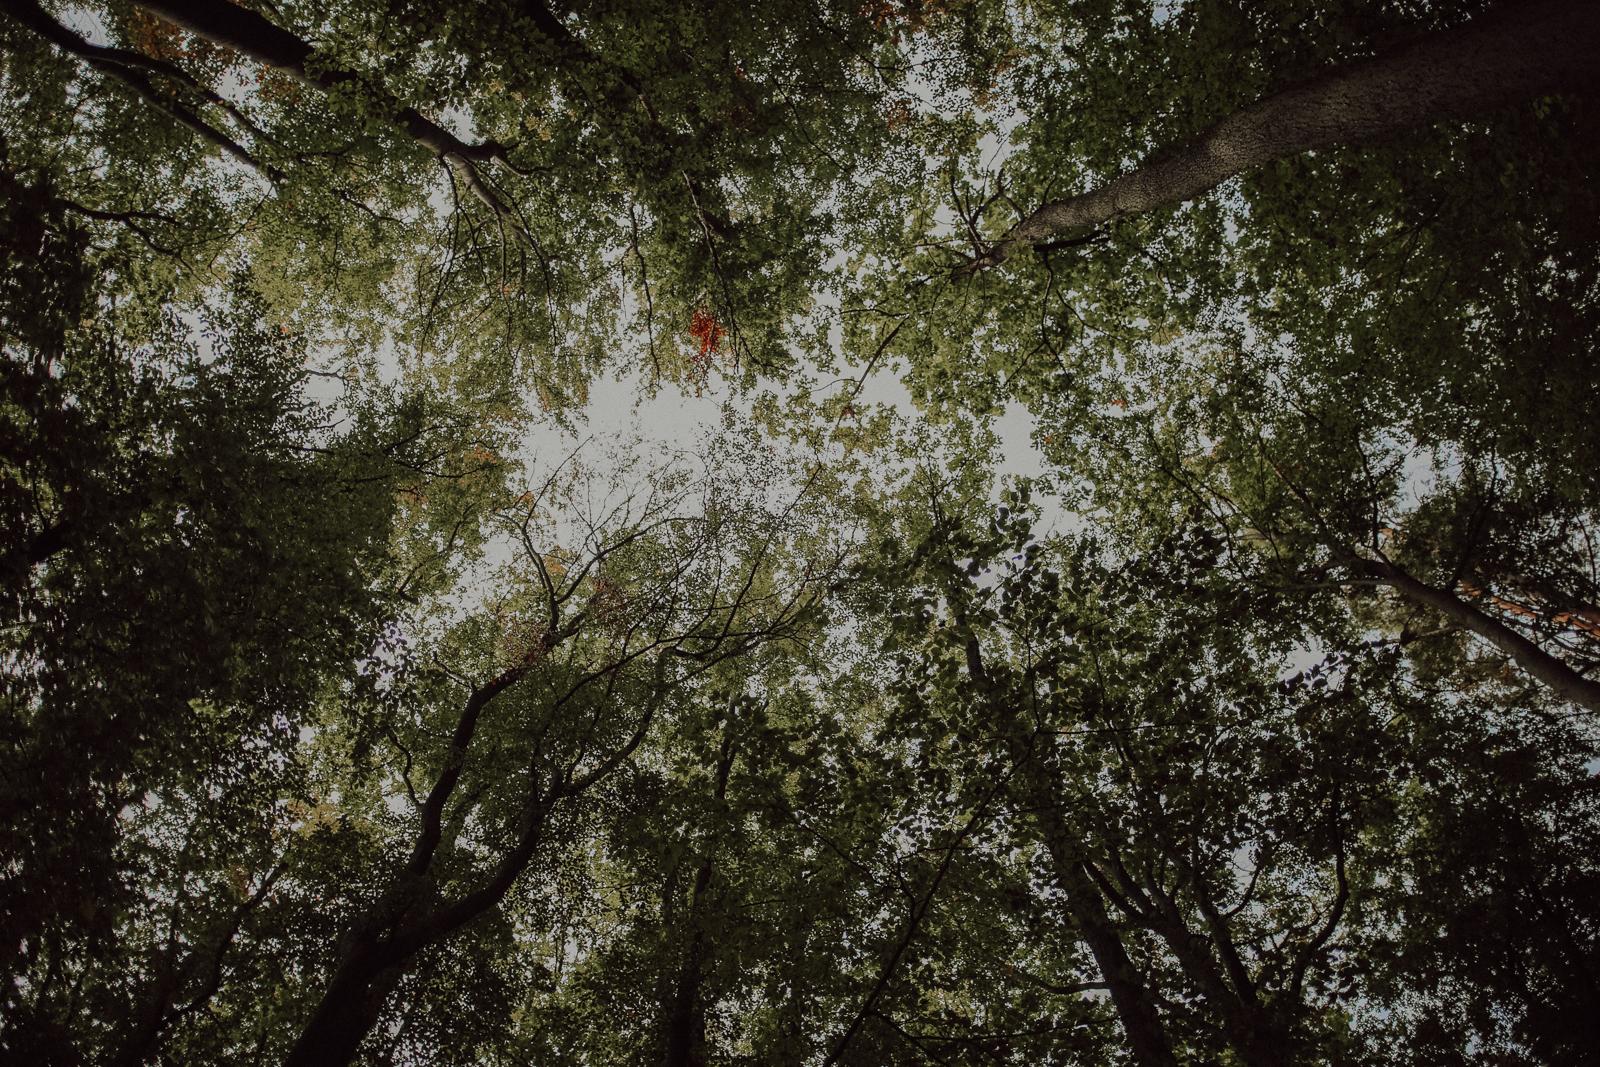 Im Reich der Schatten Buchenwälder absorbieren mit ihren dichten, fast lückenlosem Blätterdach fast sämtliches Licht. In ihren Schatten können also nur angepasste Tiere und Pflanzen leben. Trotzdem sind Buchenwälder der bevorzugte Lebensraum mehrerer tausend Arten. Dabei sind die Buchen - wäre da nicht der Raubbau gewesen - besonders durchsetzungsfähig. Sie gedeihen auf Kalkböden und mageren Sandflächen ebenso wie an feuchten Standorten, im Gebirge und im Tiefland.